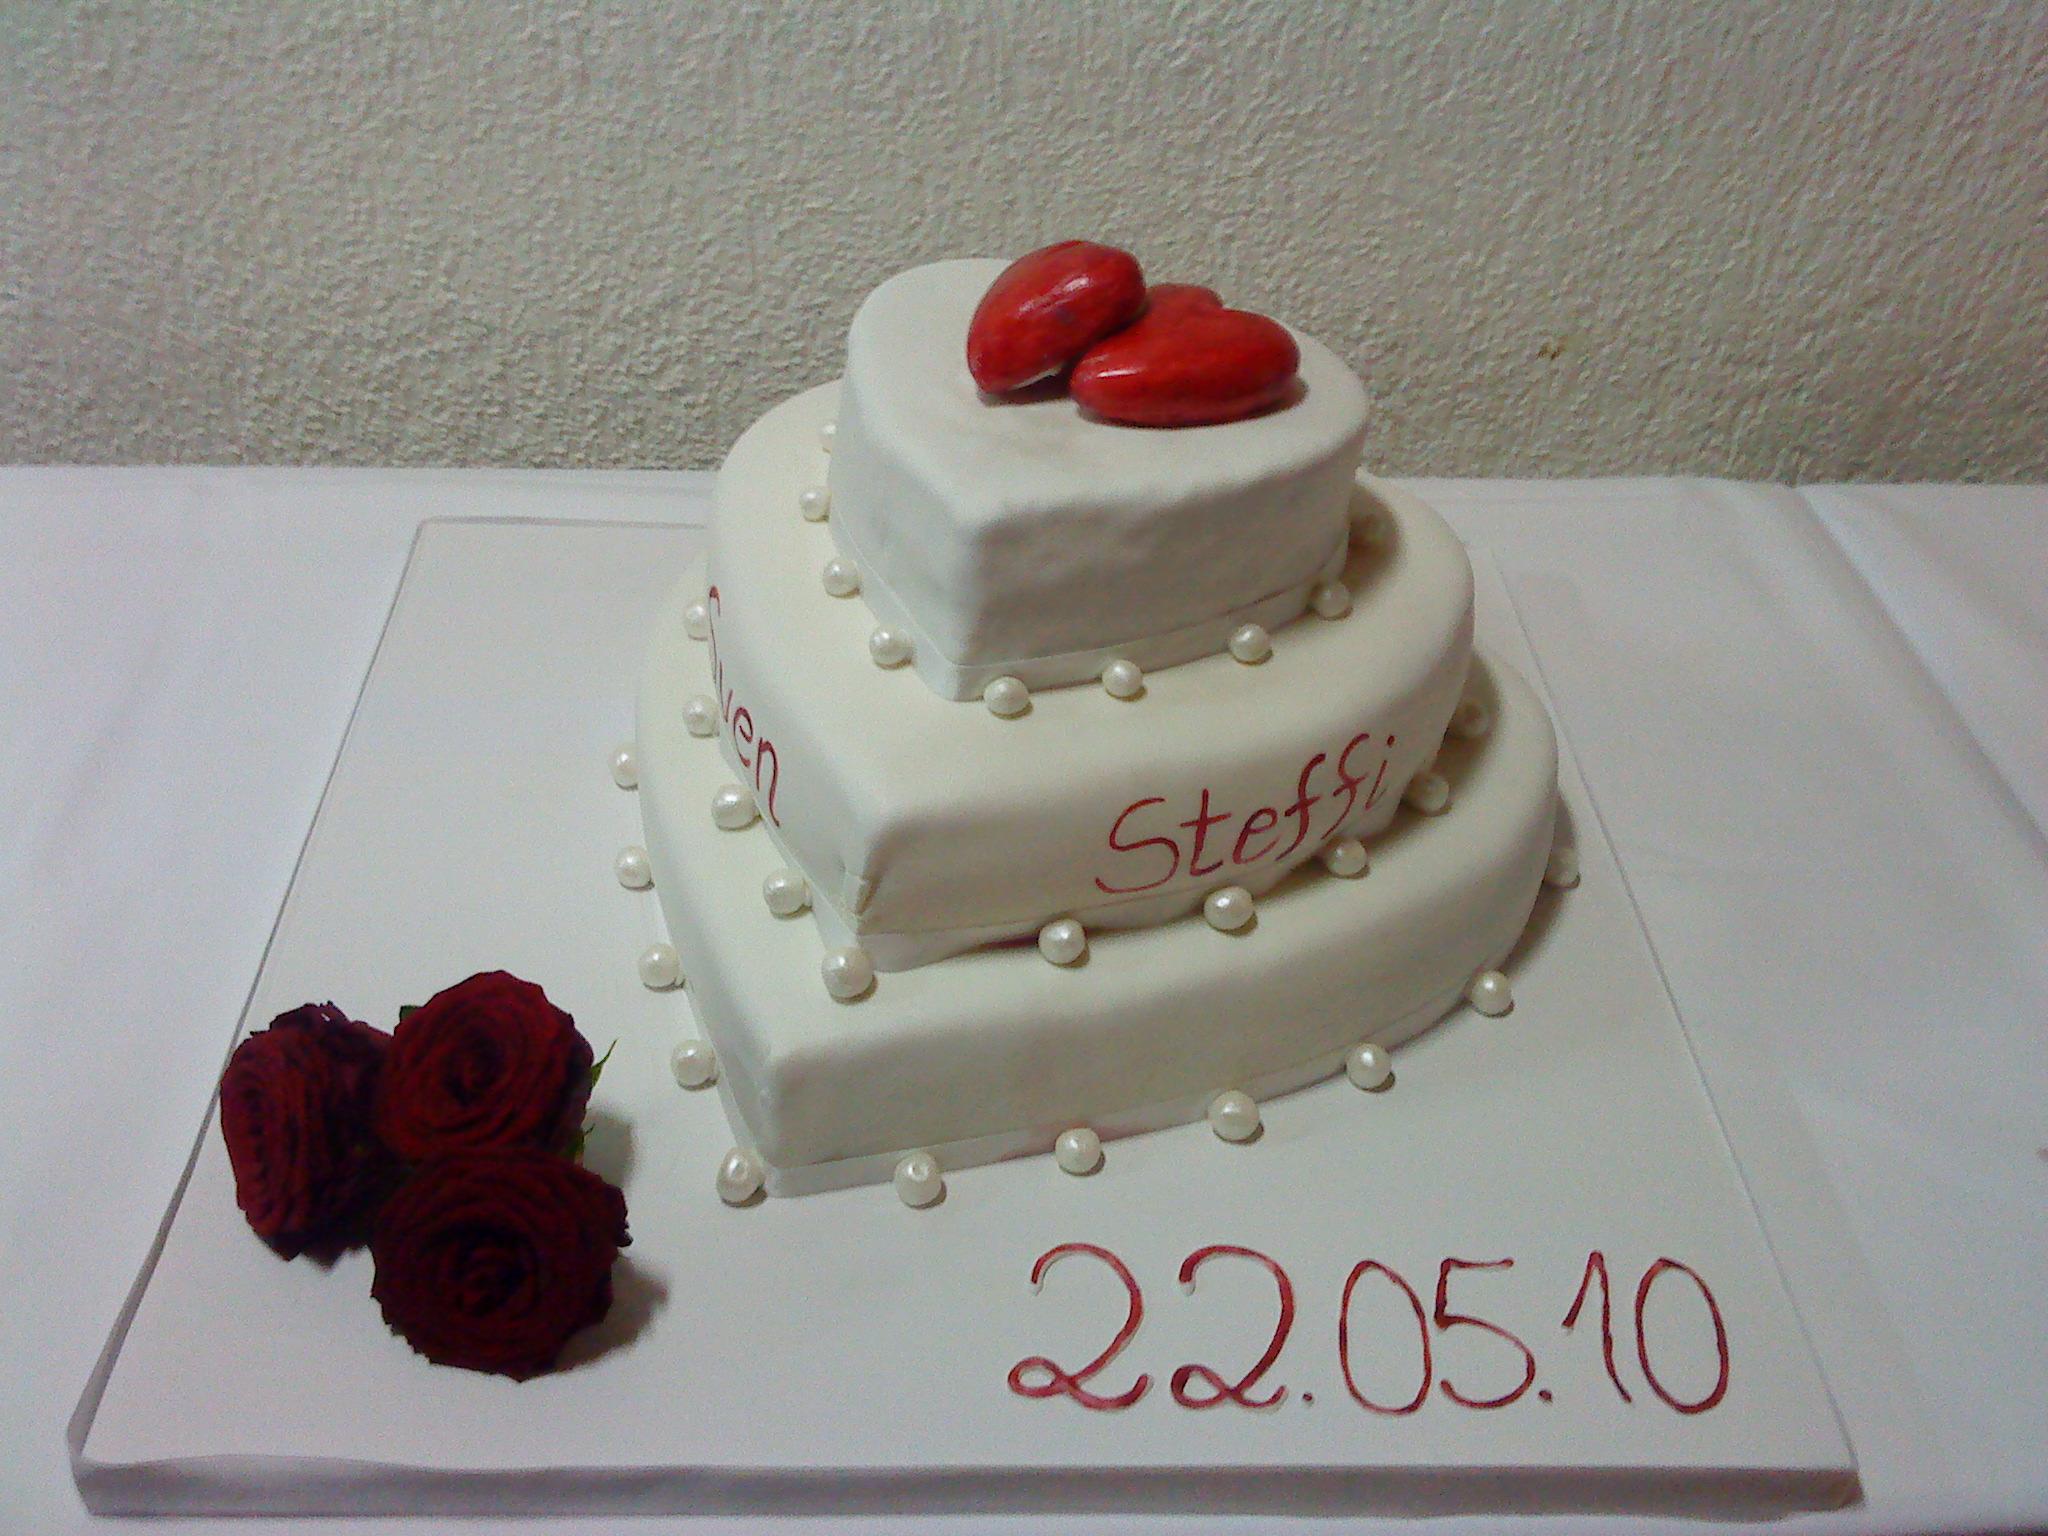 Herz-Hochzeitstorte